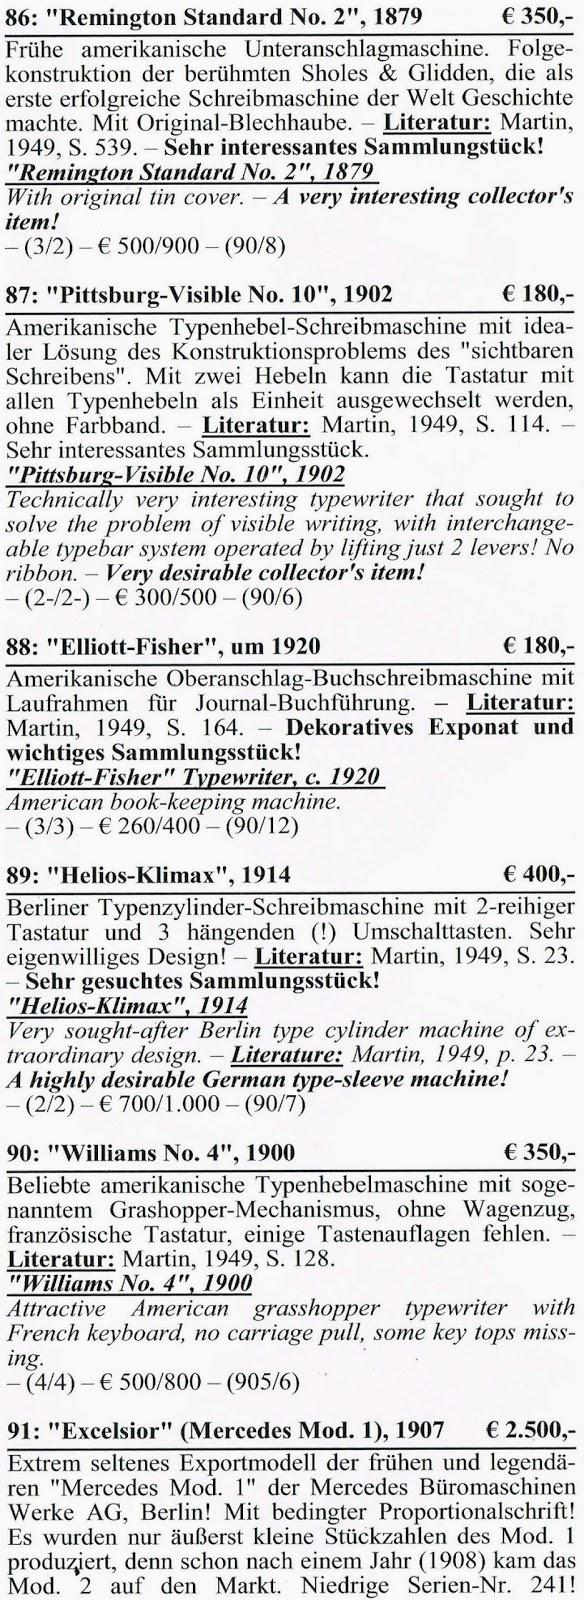 wichtiges berliner original